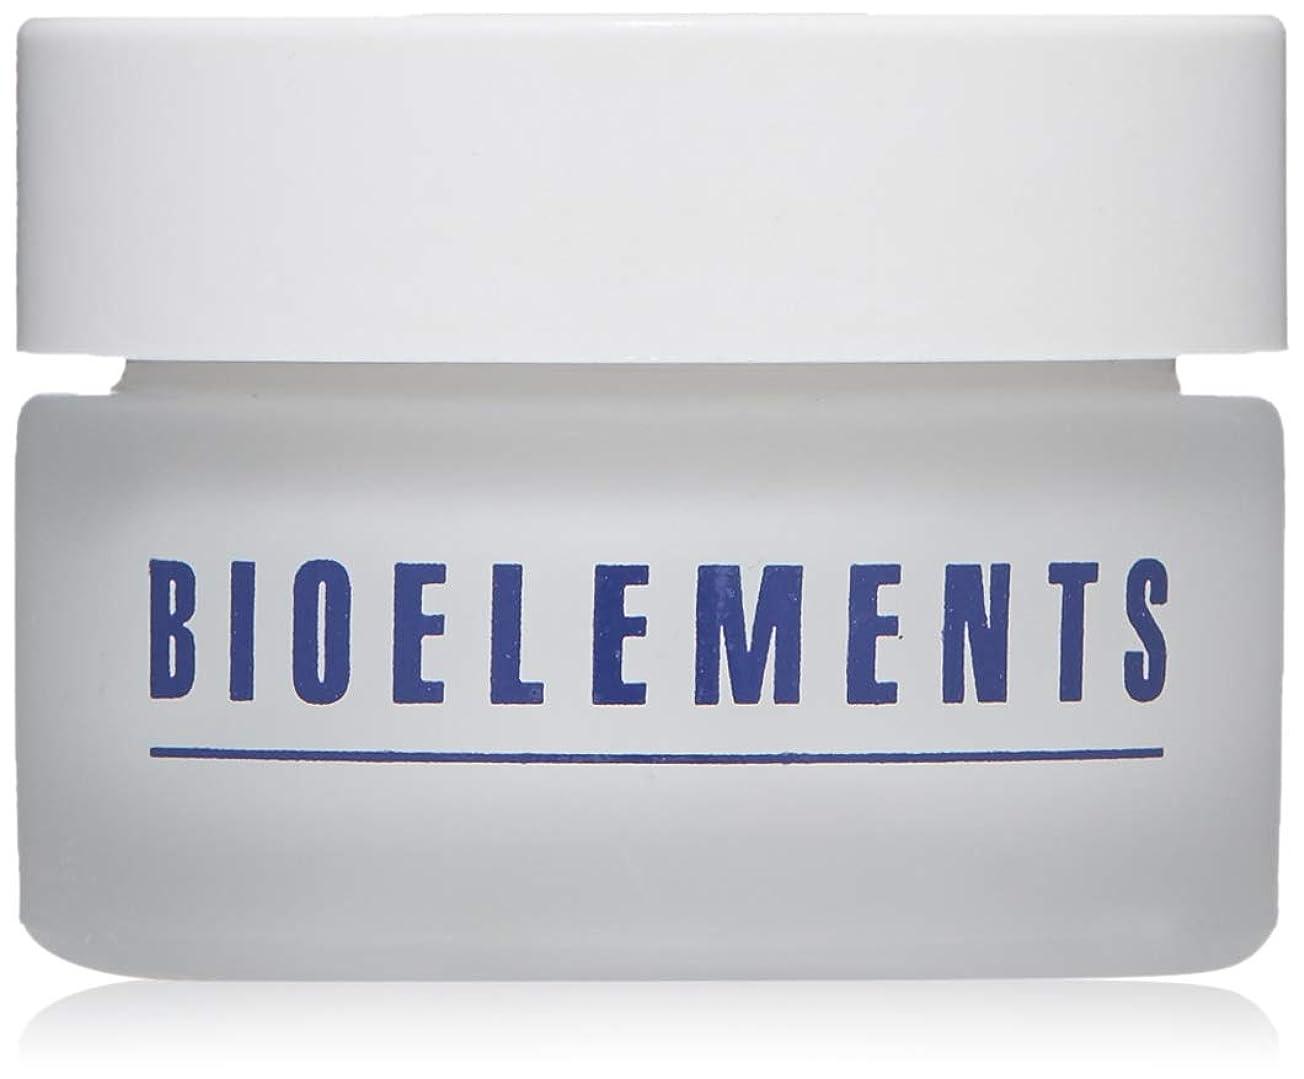 否定するためらう実際バイオエレメンツ - スリープウェア フォー アイズ - 14ml/0.5oz